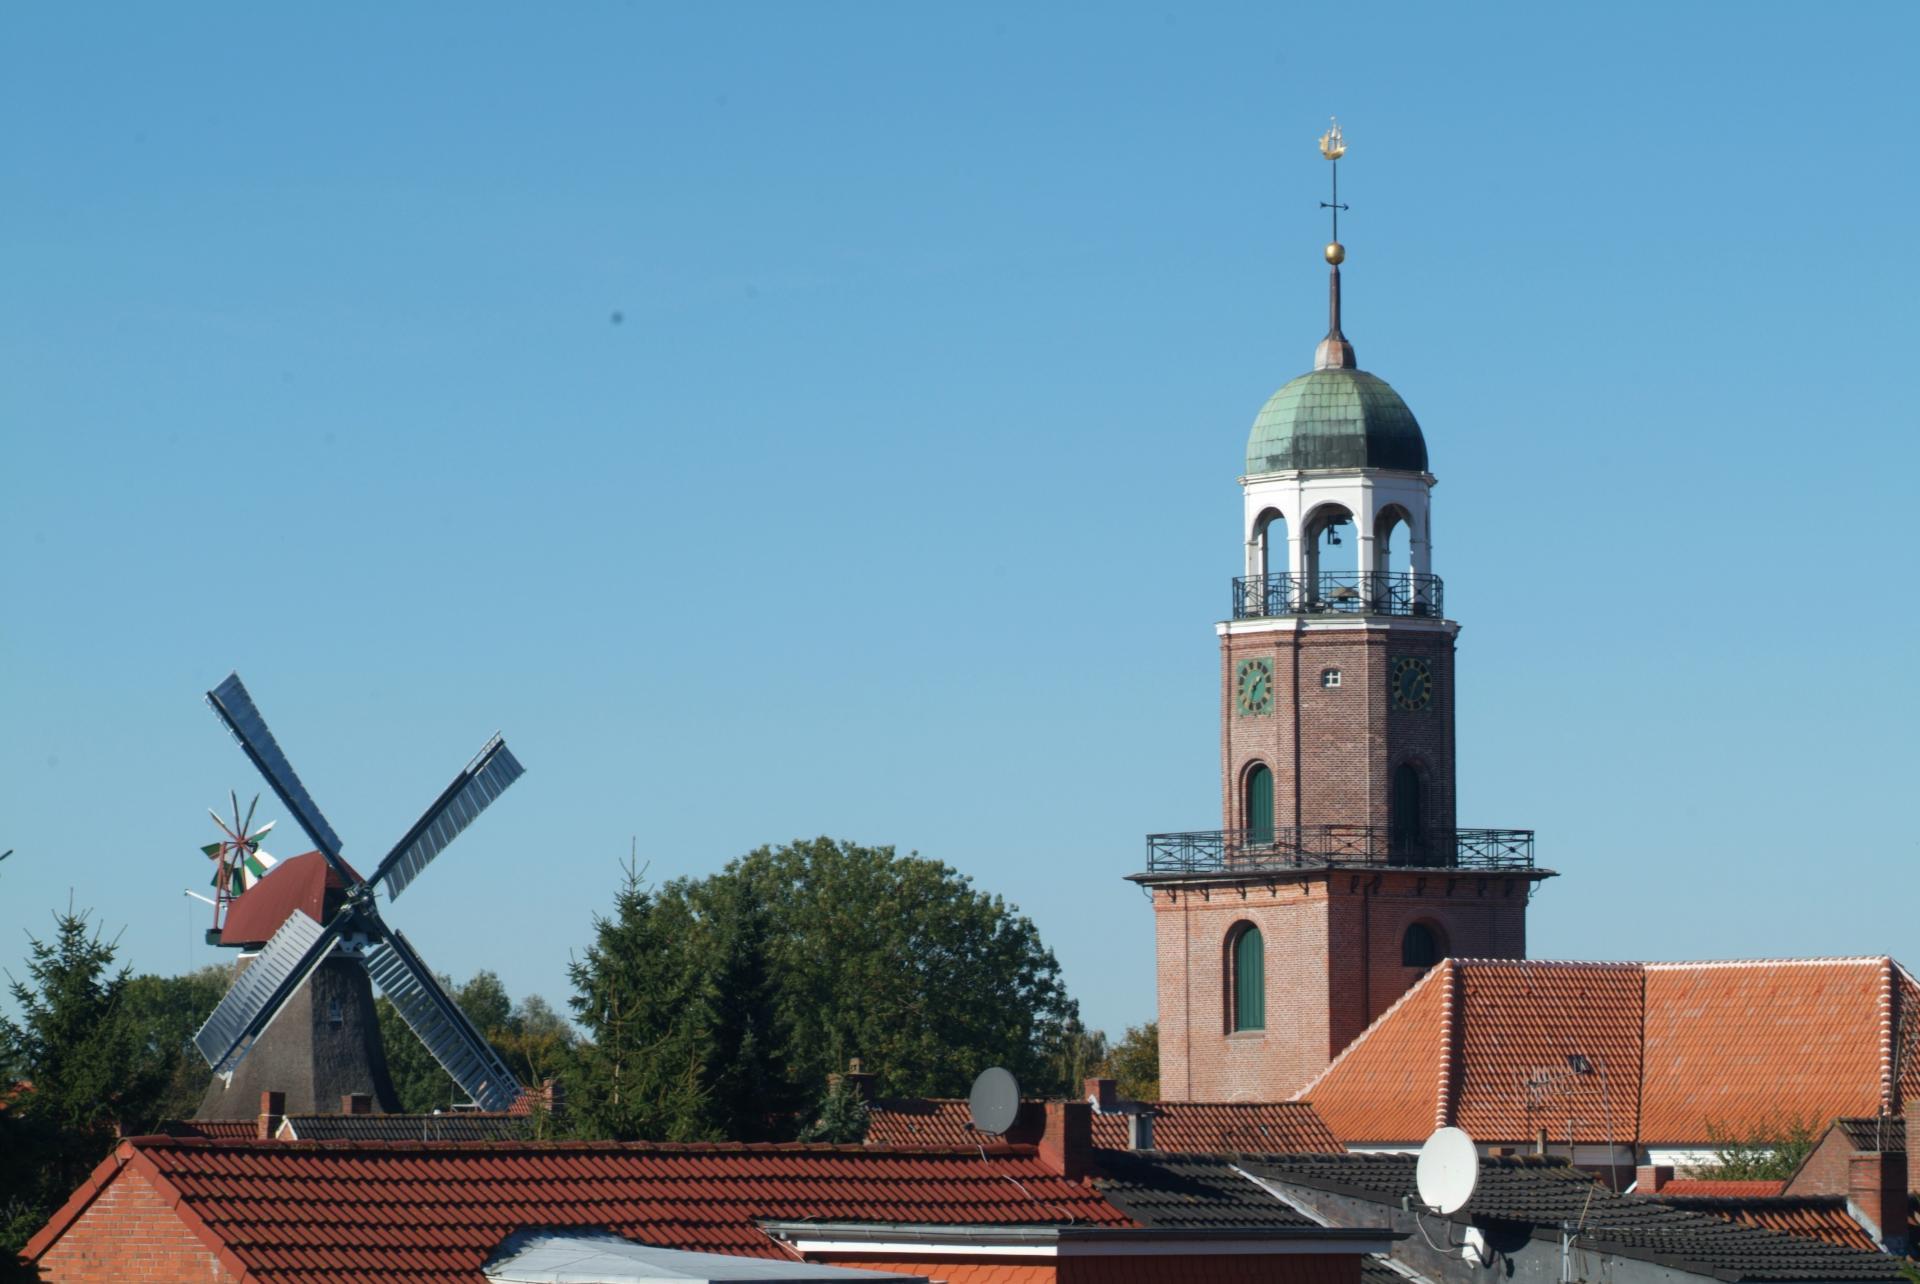 Kirchen-Jemgum